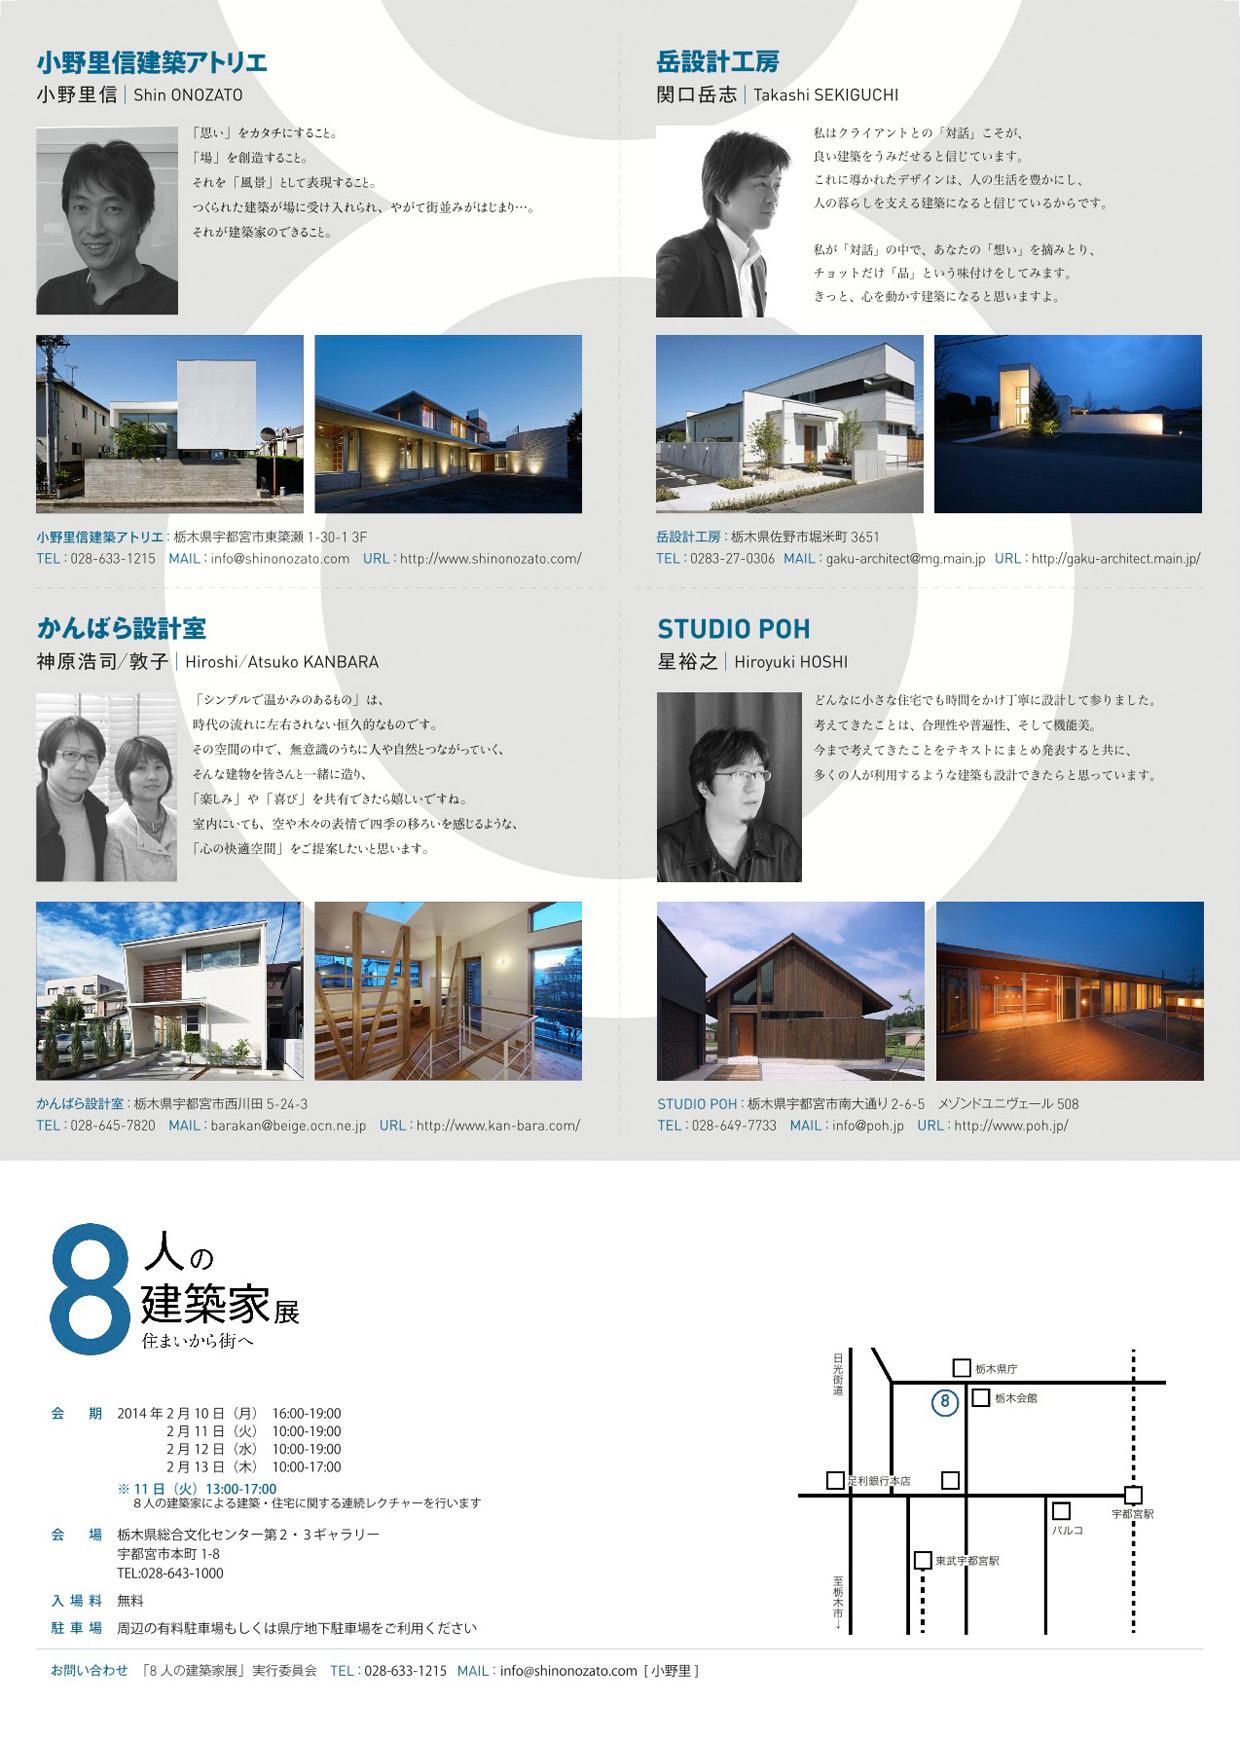 8人の建築家展 2014 〜宇都宮_e0127948_16103728.jpg